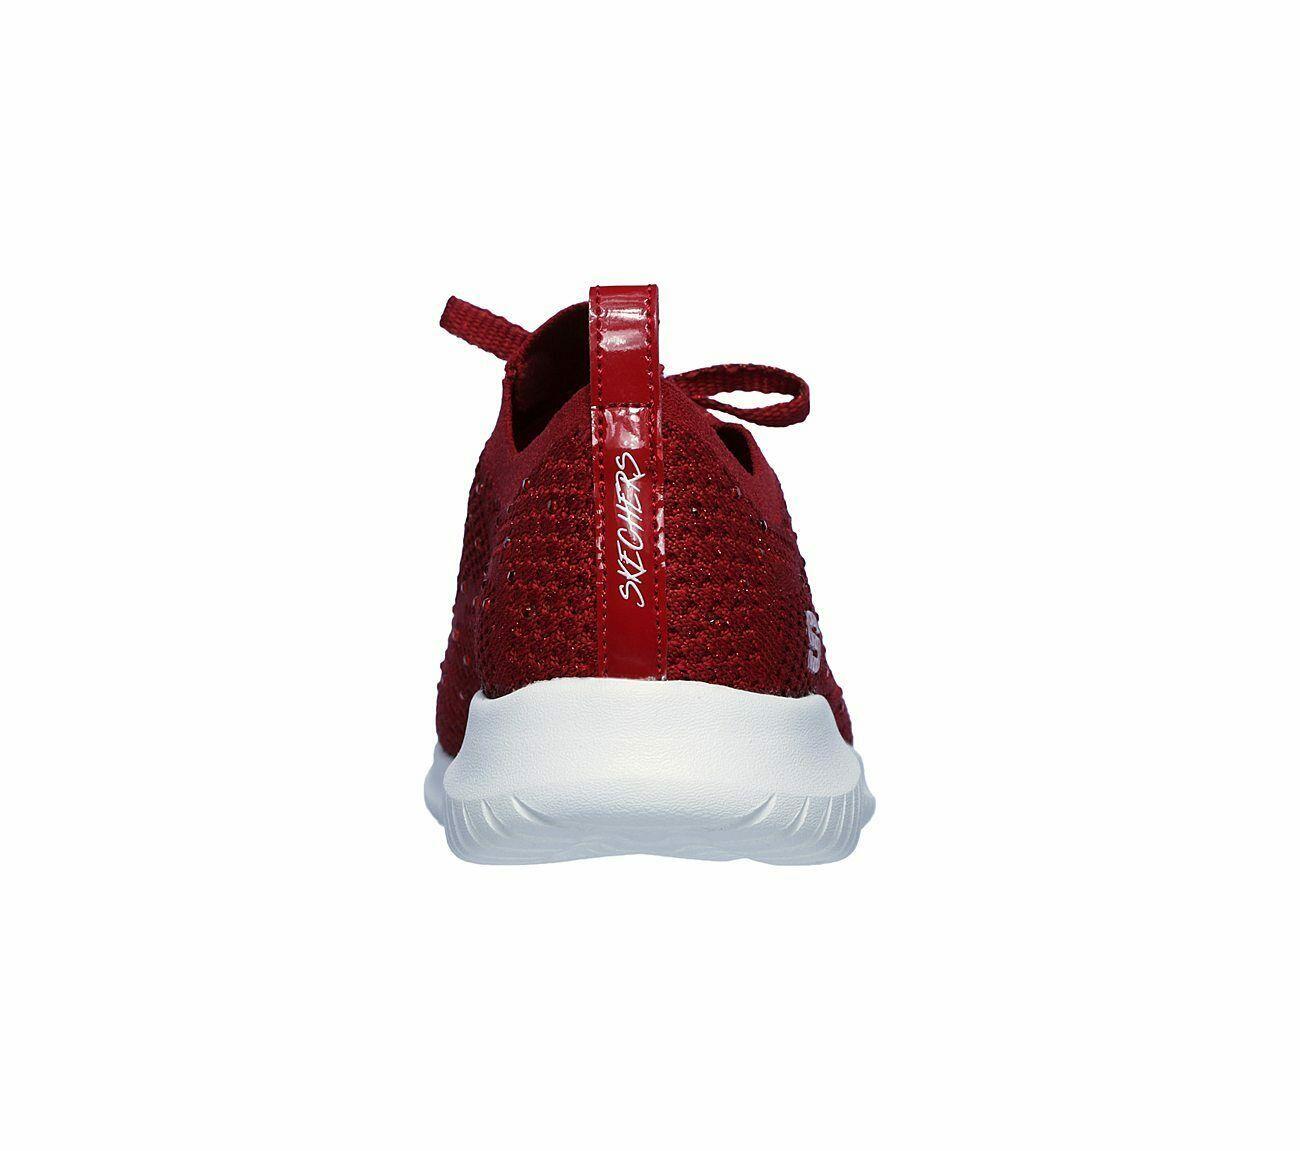 Skechers Red Shoes Memory Foam Women Slip On Comfort Casual Sporty Walking 13099 image 6